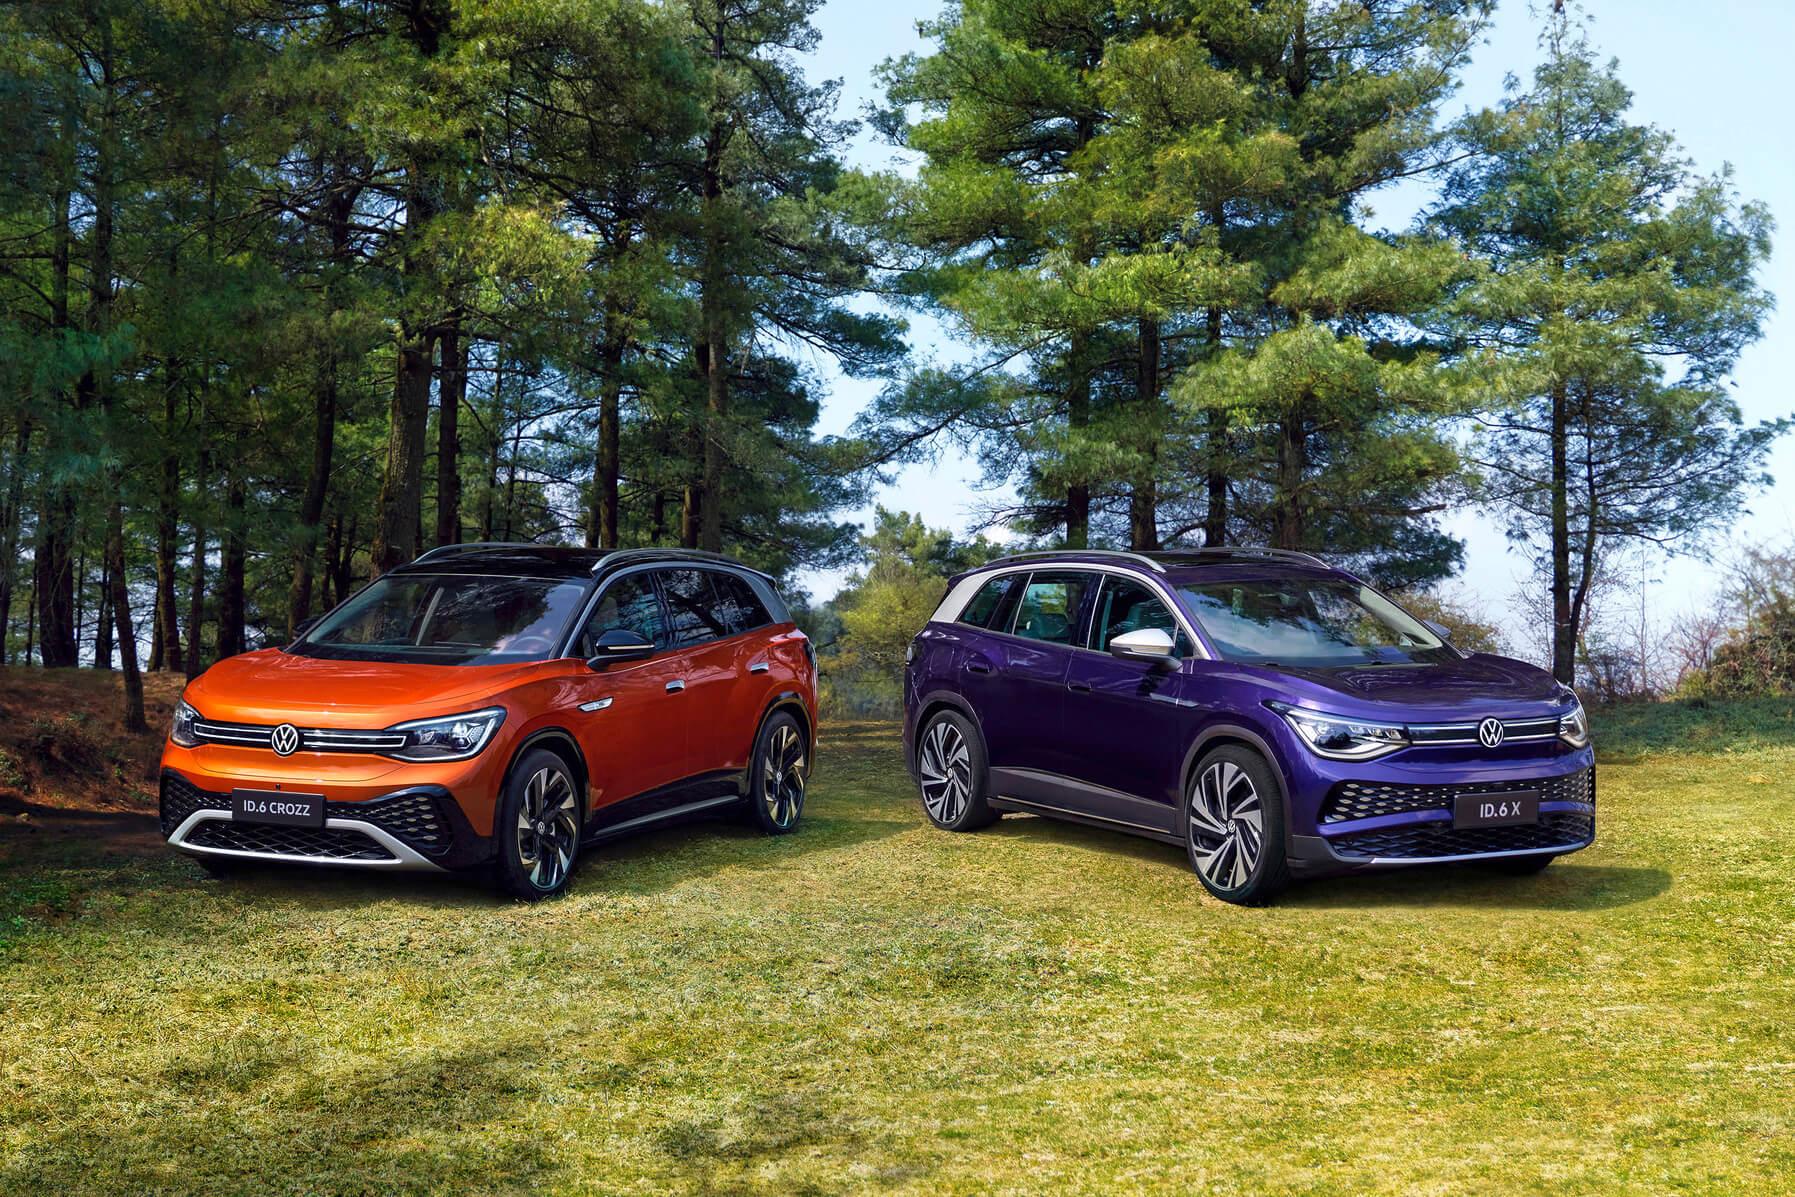 Volkswagen запускает внедорожник ID.6 в Китае и только в Китае